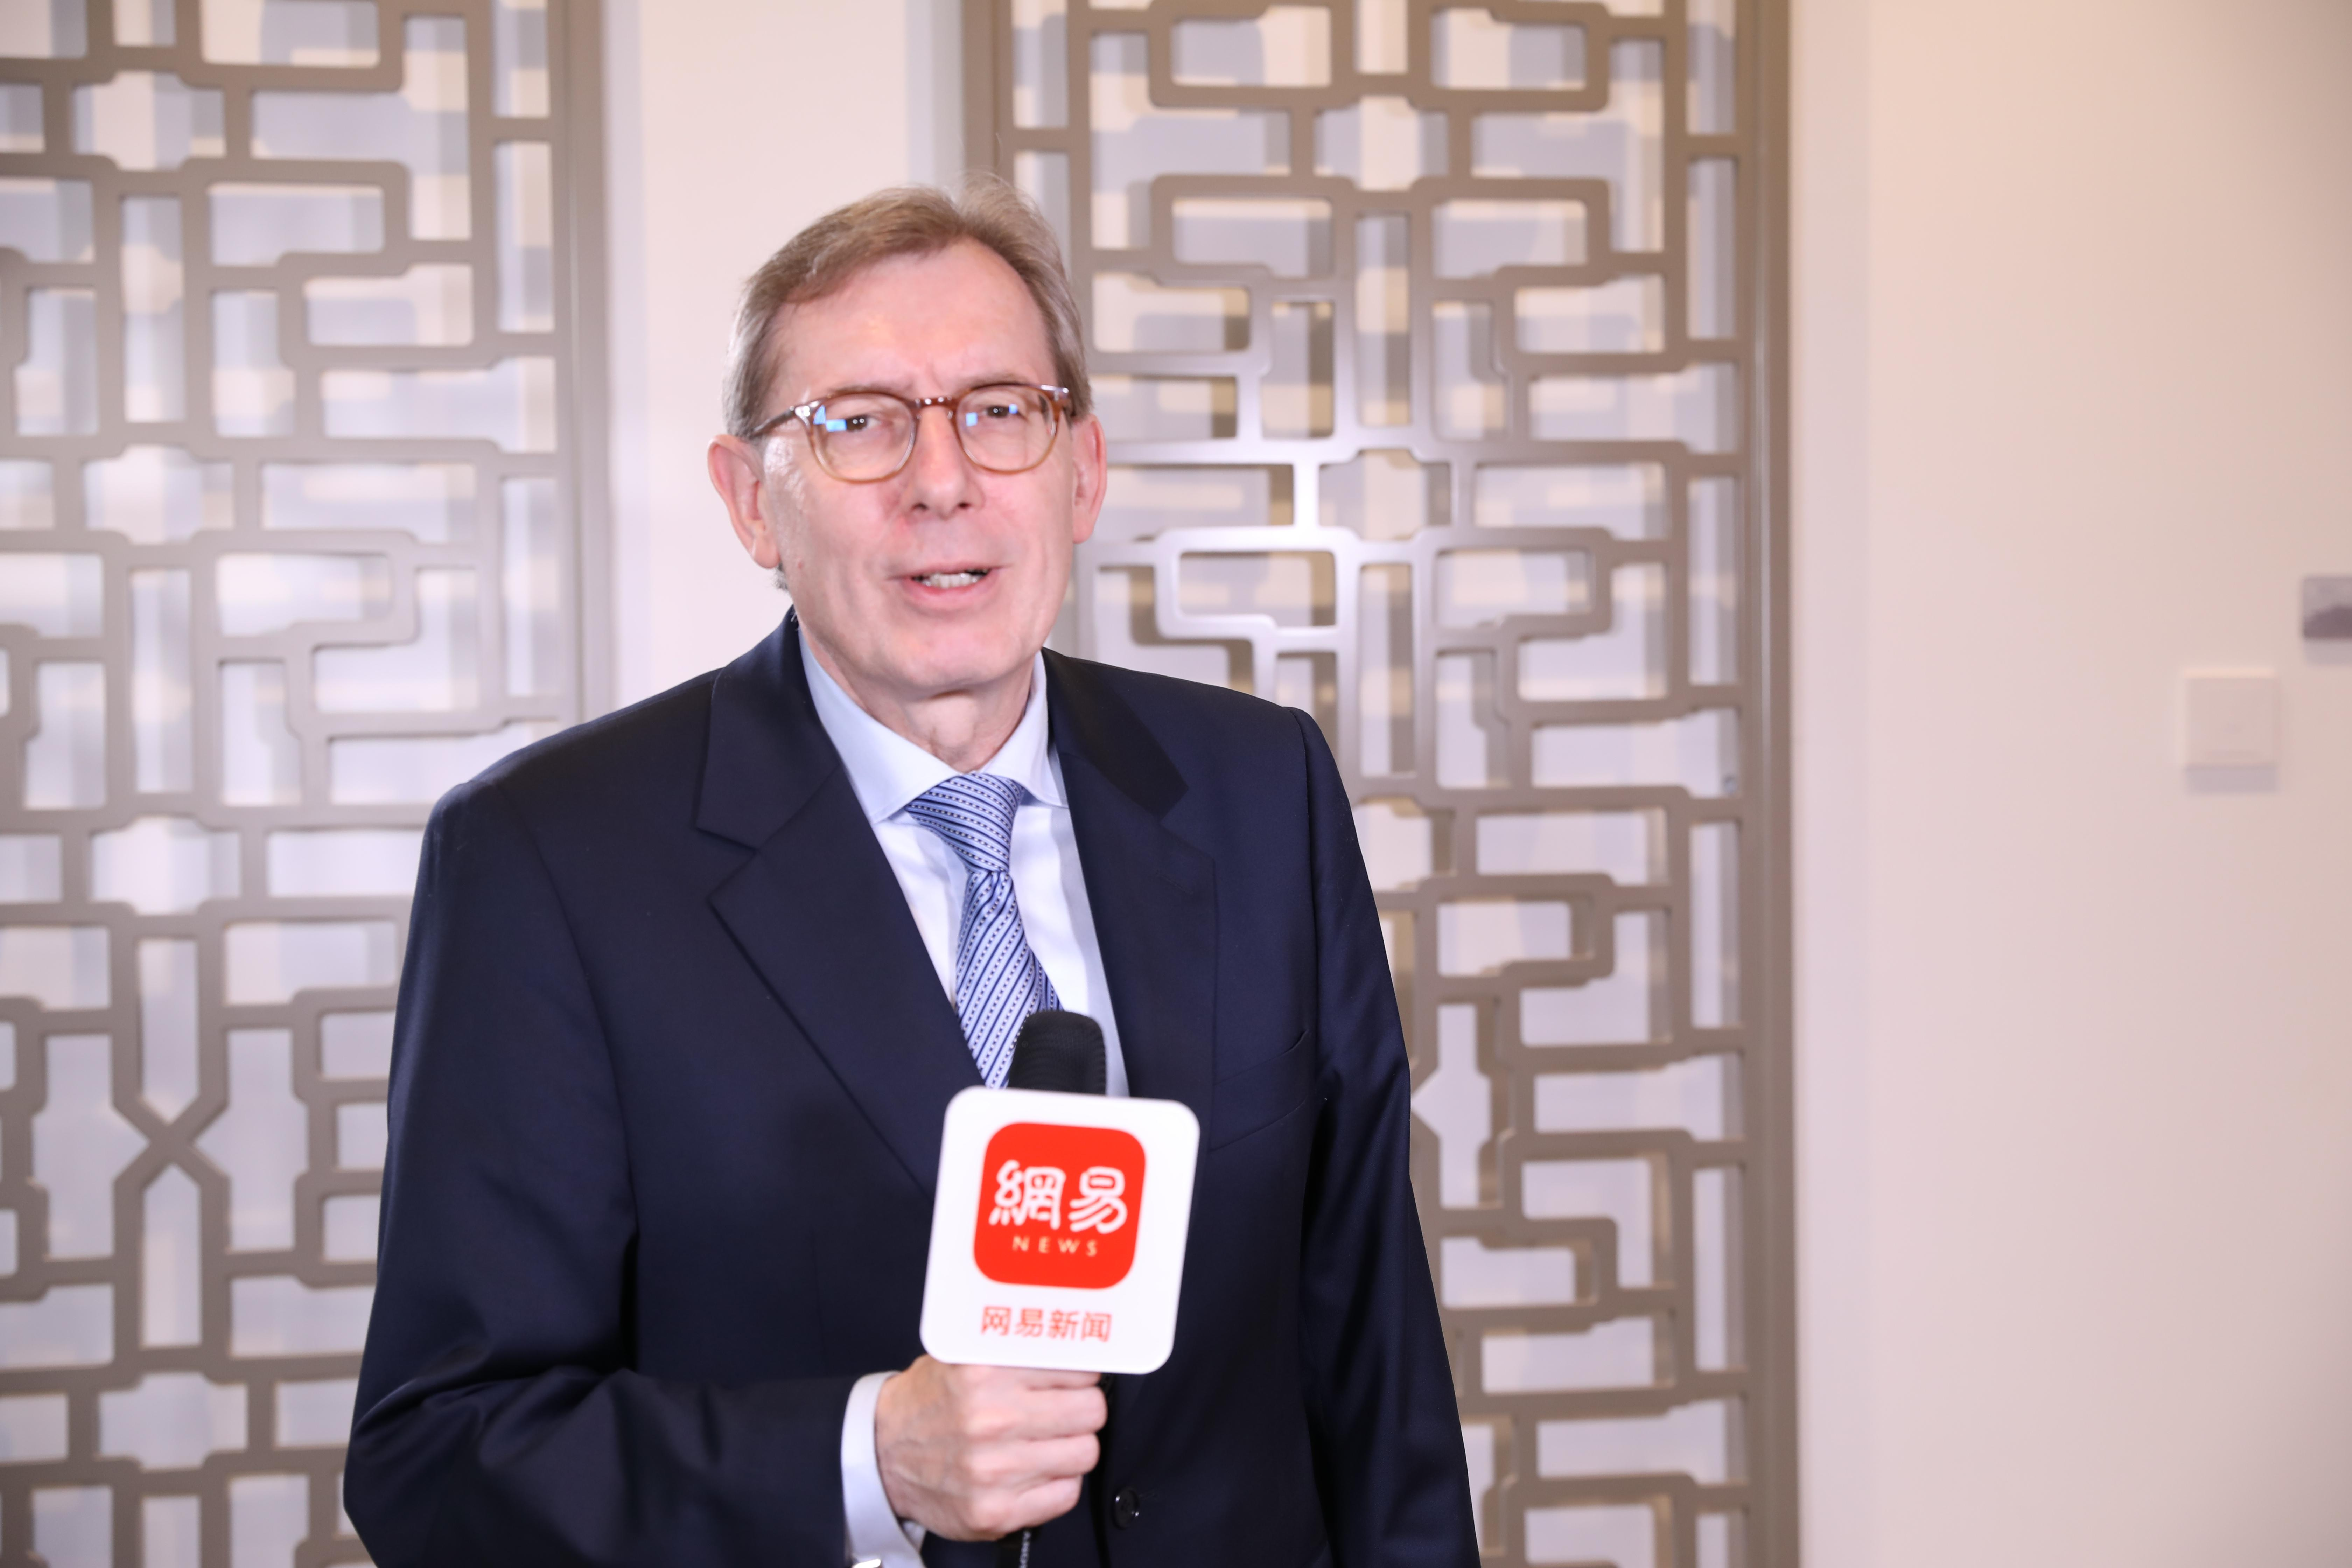 波士顿咨询博克纳:中国开放金融市场是明智之举